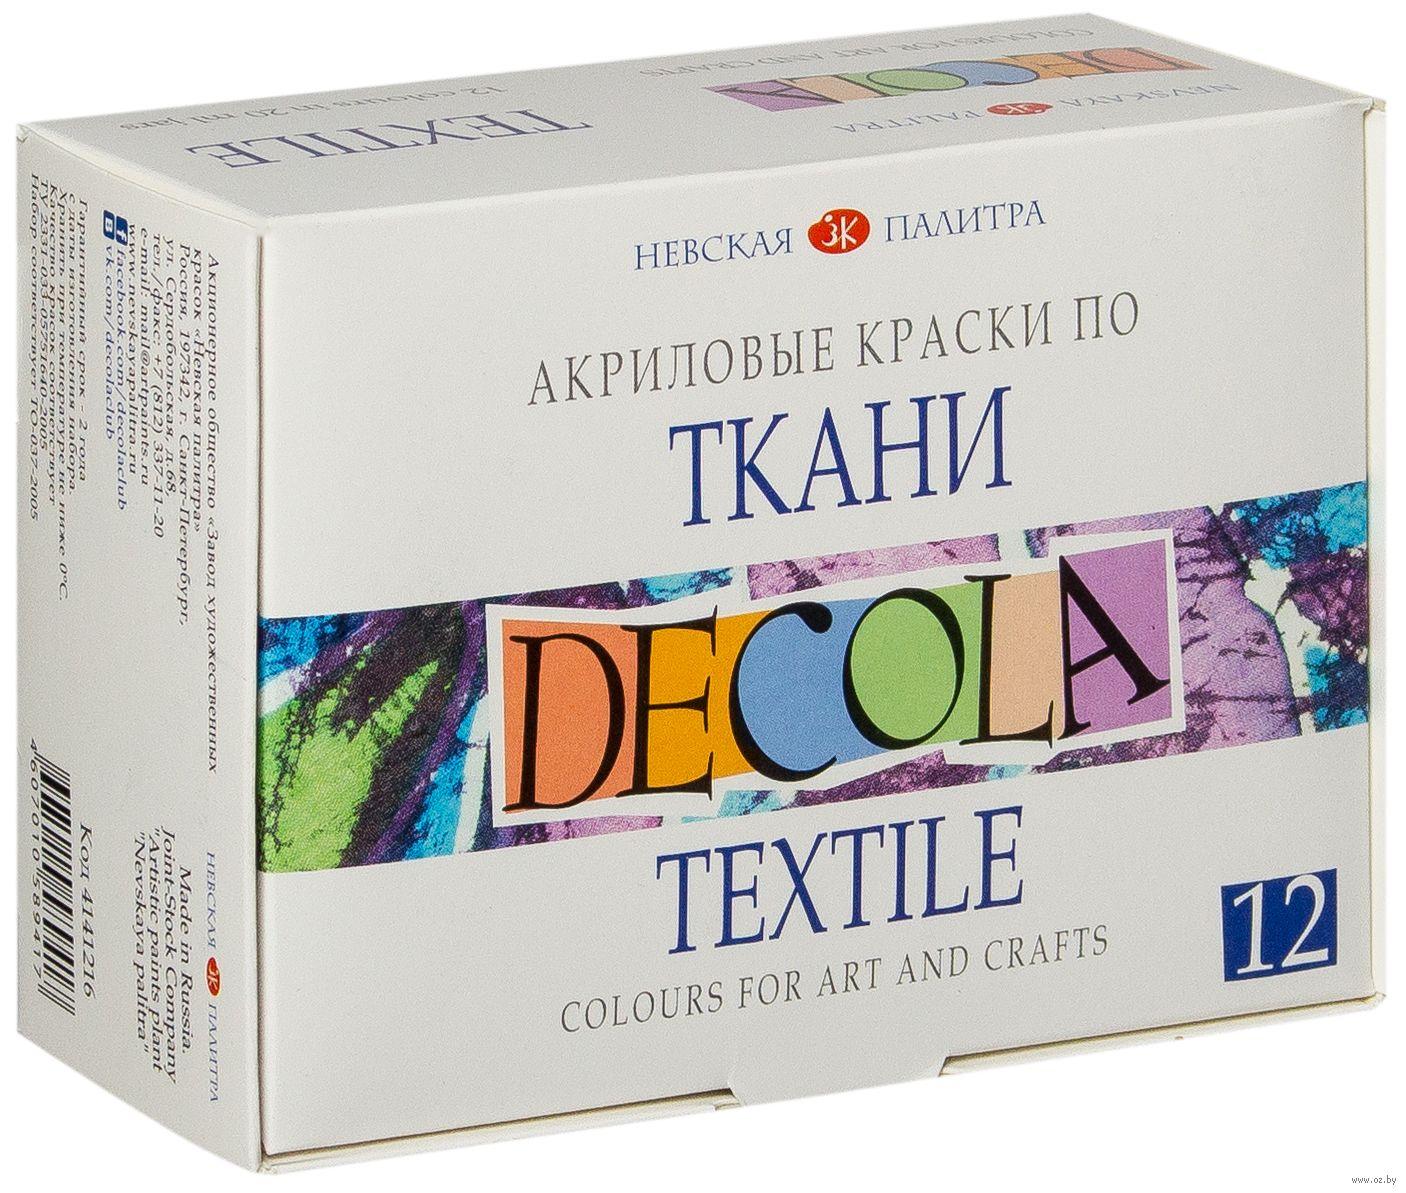 Где в спб можно купить краски для ткани оборудование для термотрансферной печати на ткани купить